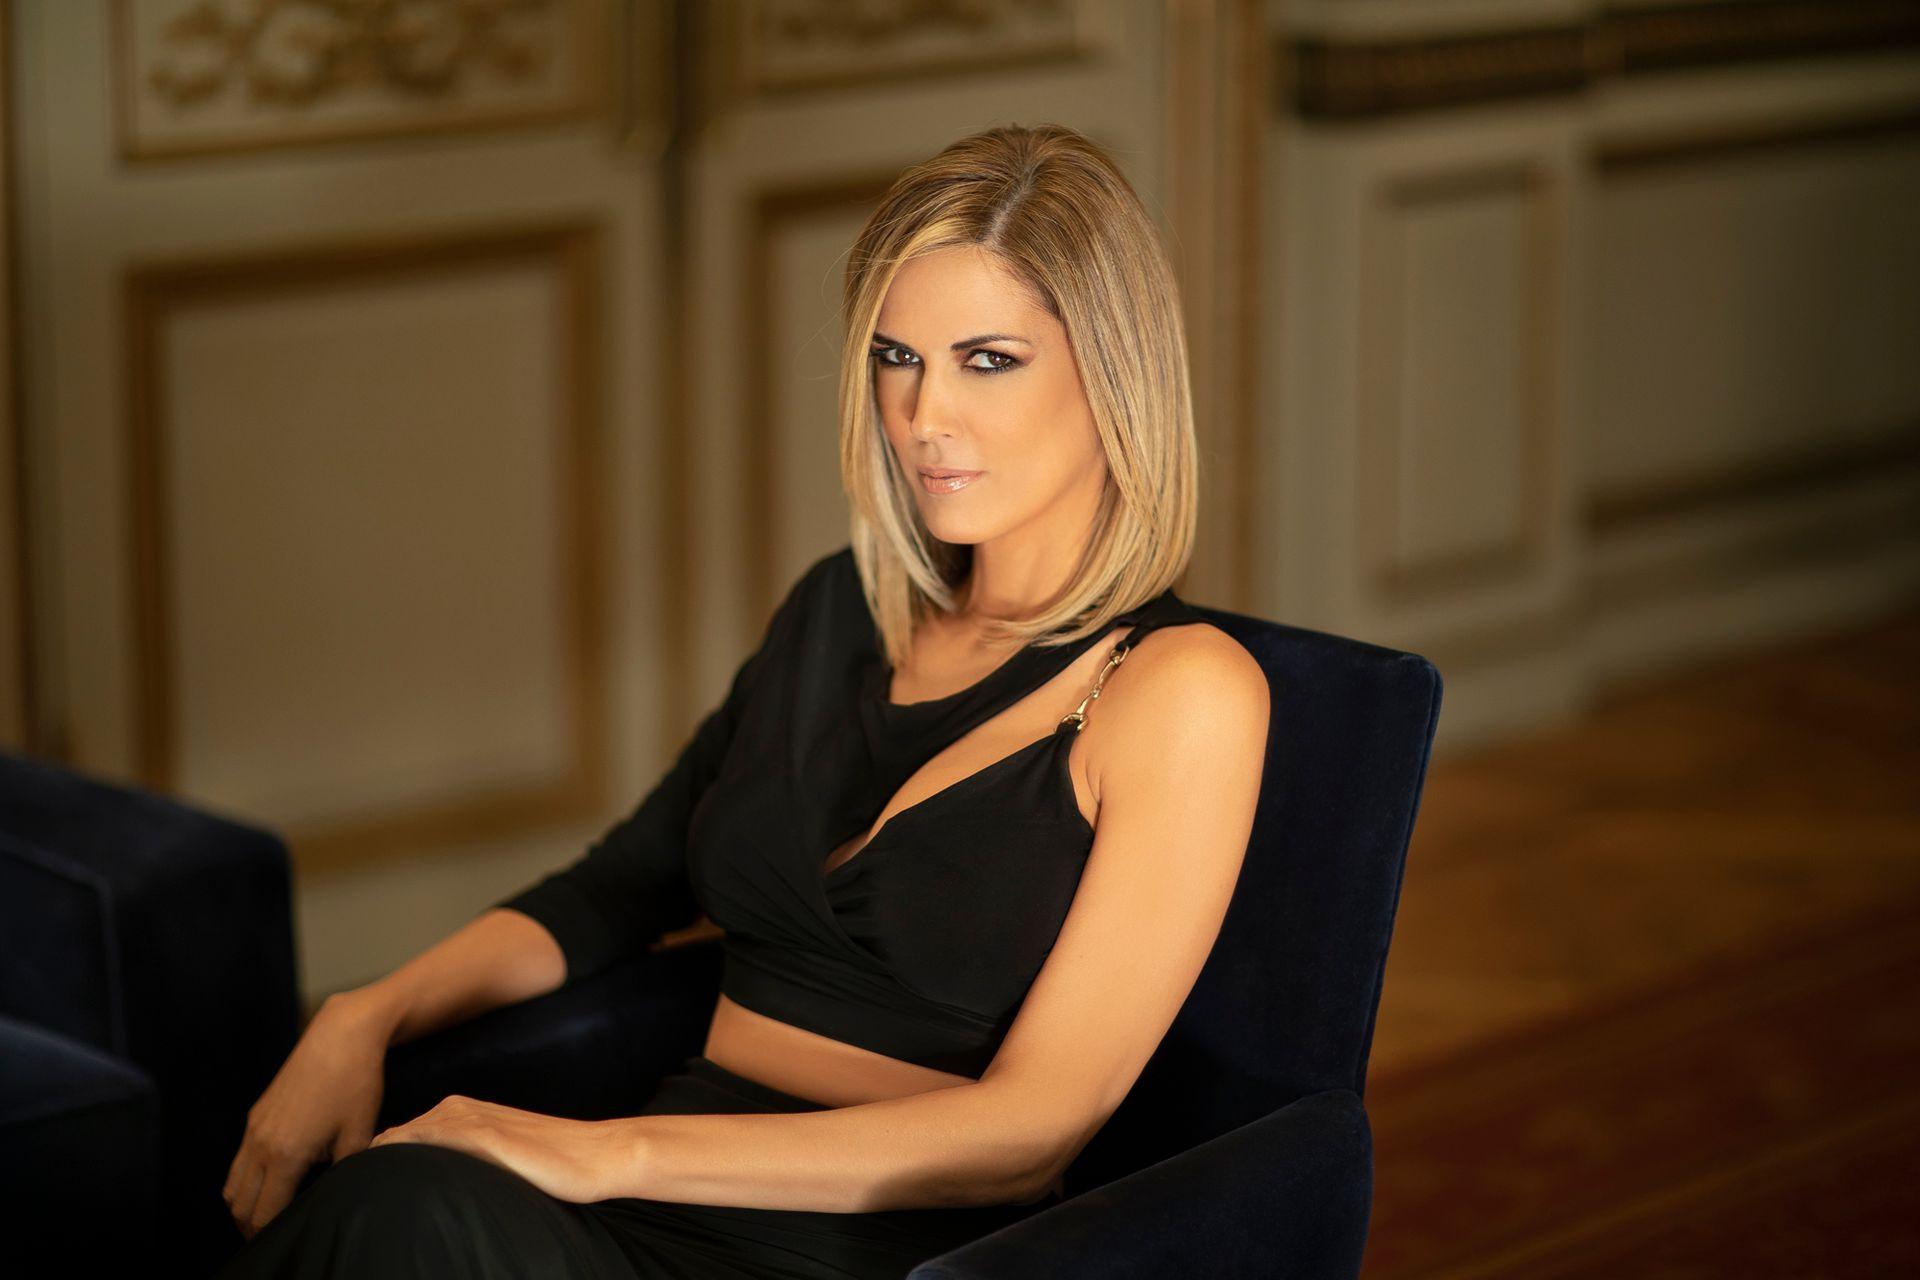 """Viviana Canosa dice que no tiene nada que aclarar sobre aquél rumor que la vinculaba sentimentalmente con el presidente: """"Eso sí, espero que esto no me baje los candidatos reales"""", cuenta entre risas"""